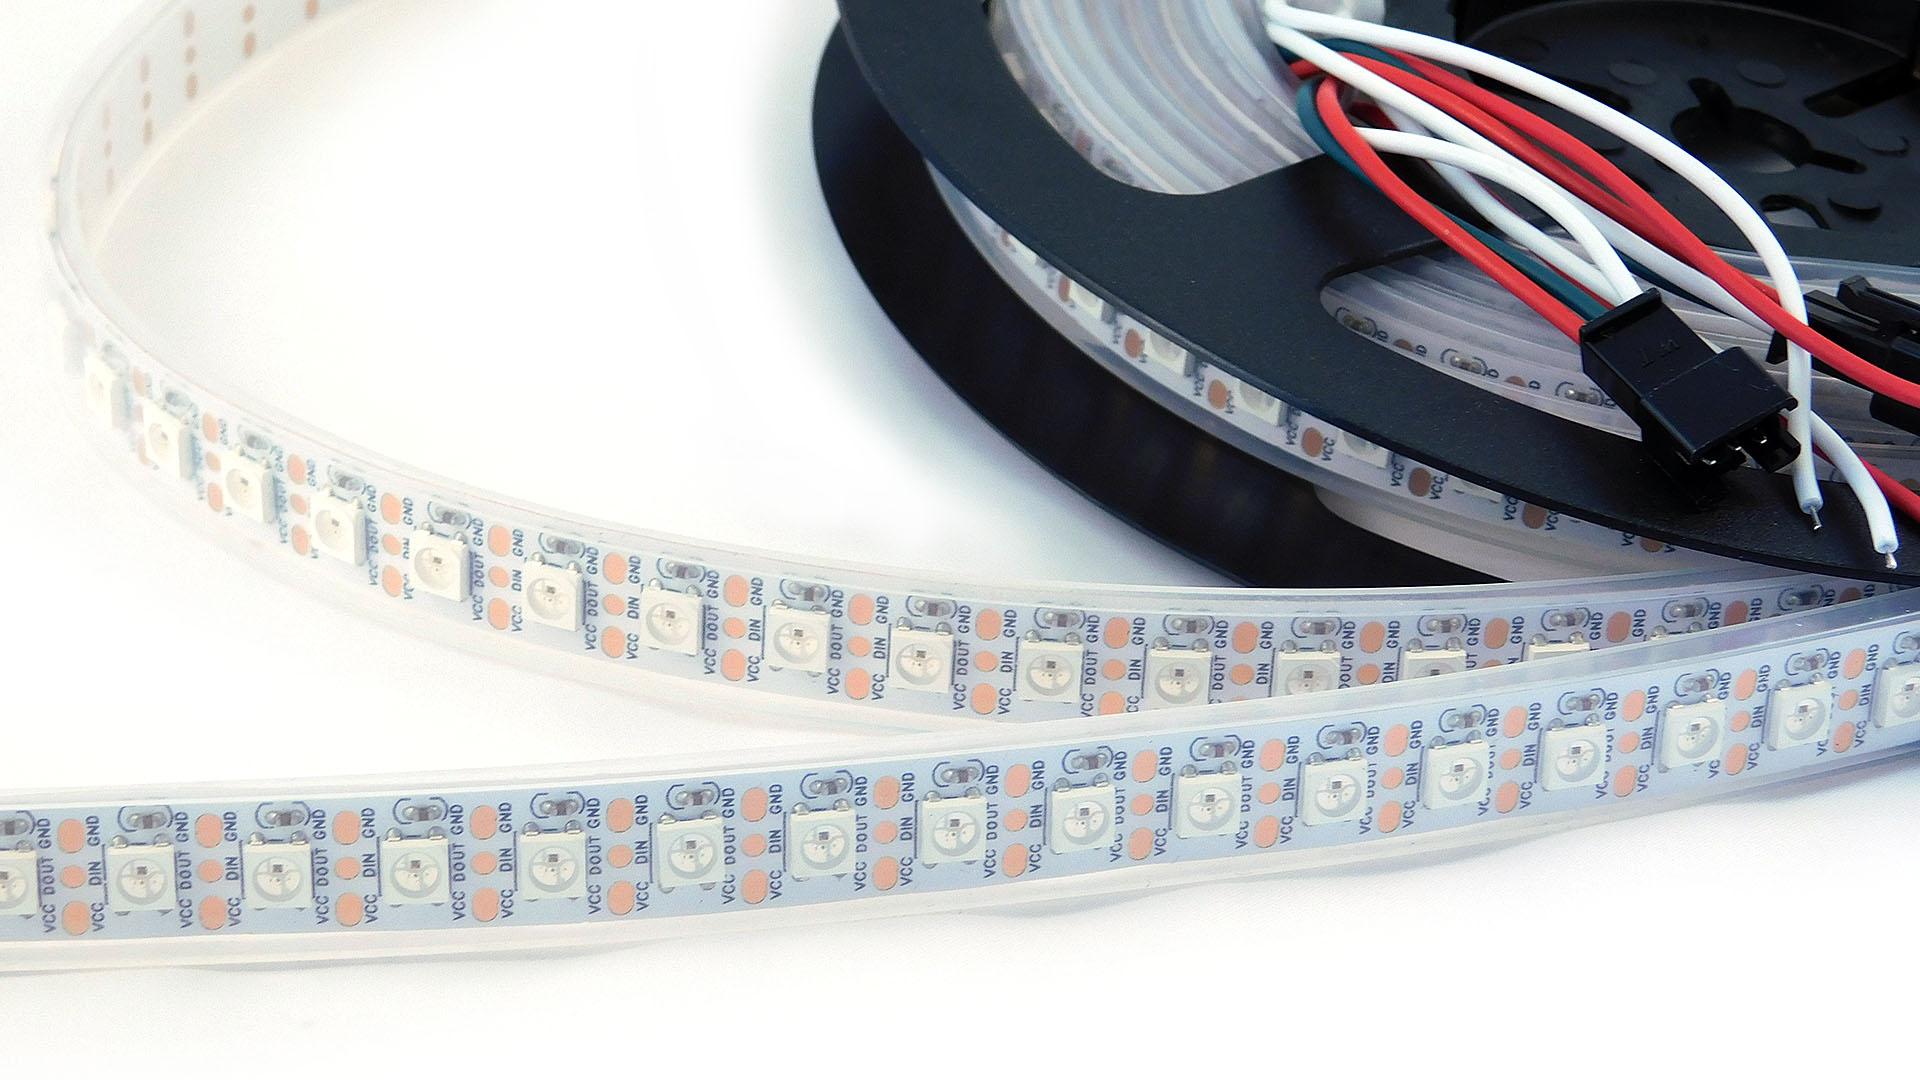 Nettigo Led Strip Rgb Ws2812b 5v White 96 M Ip67 Waterproof Flasher